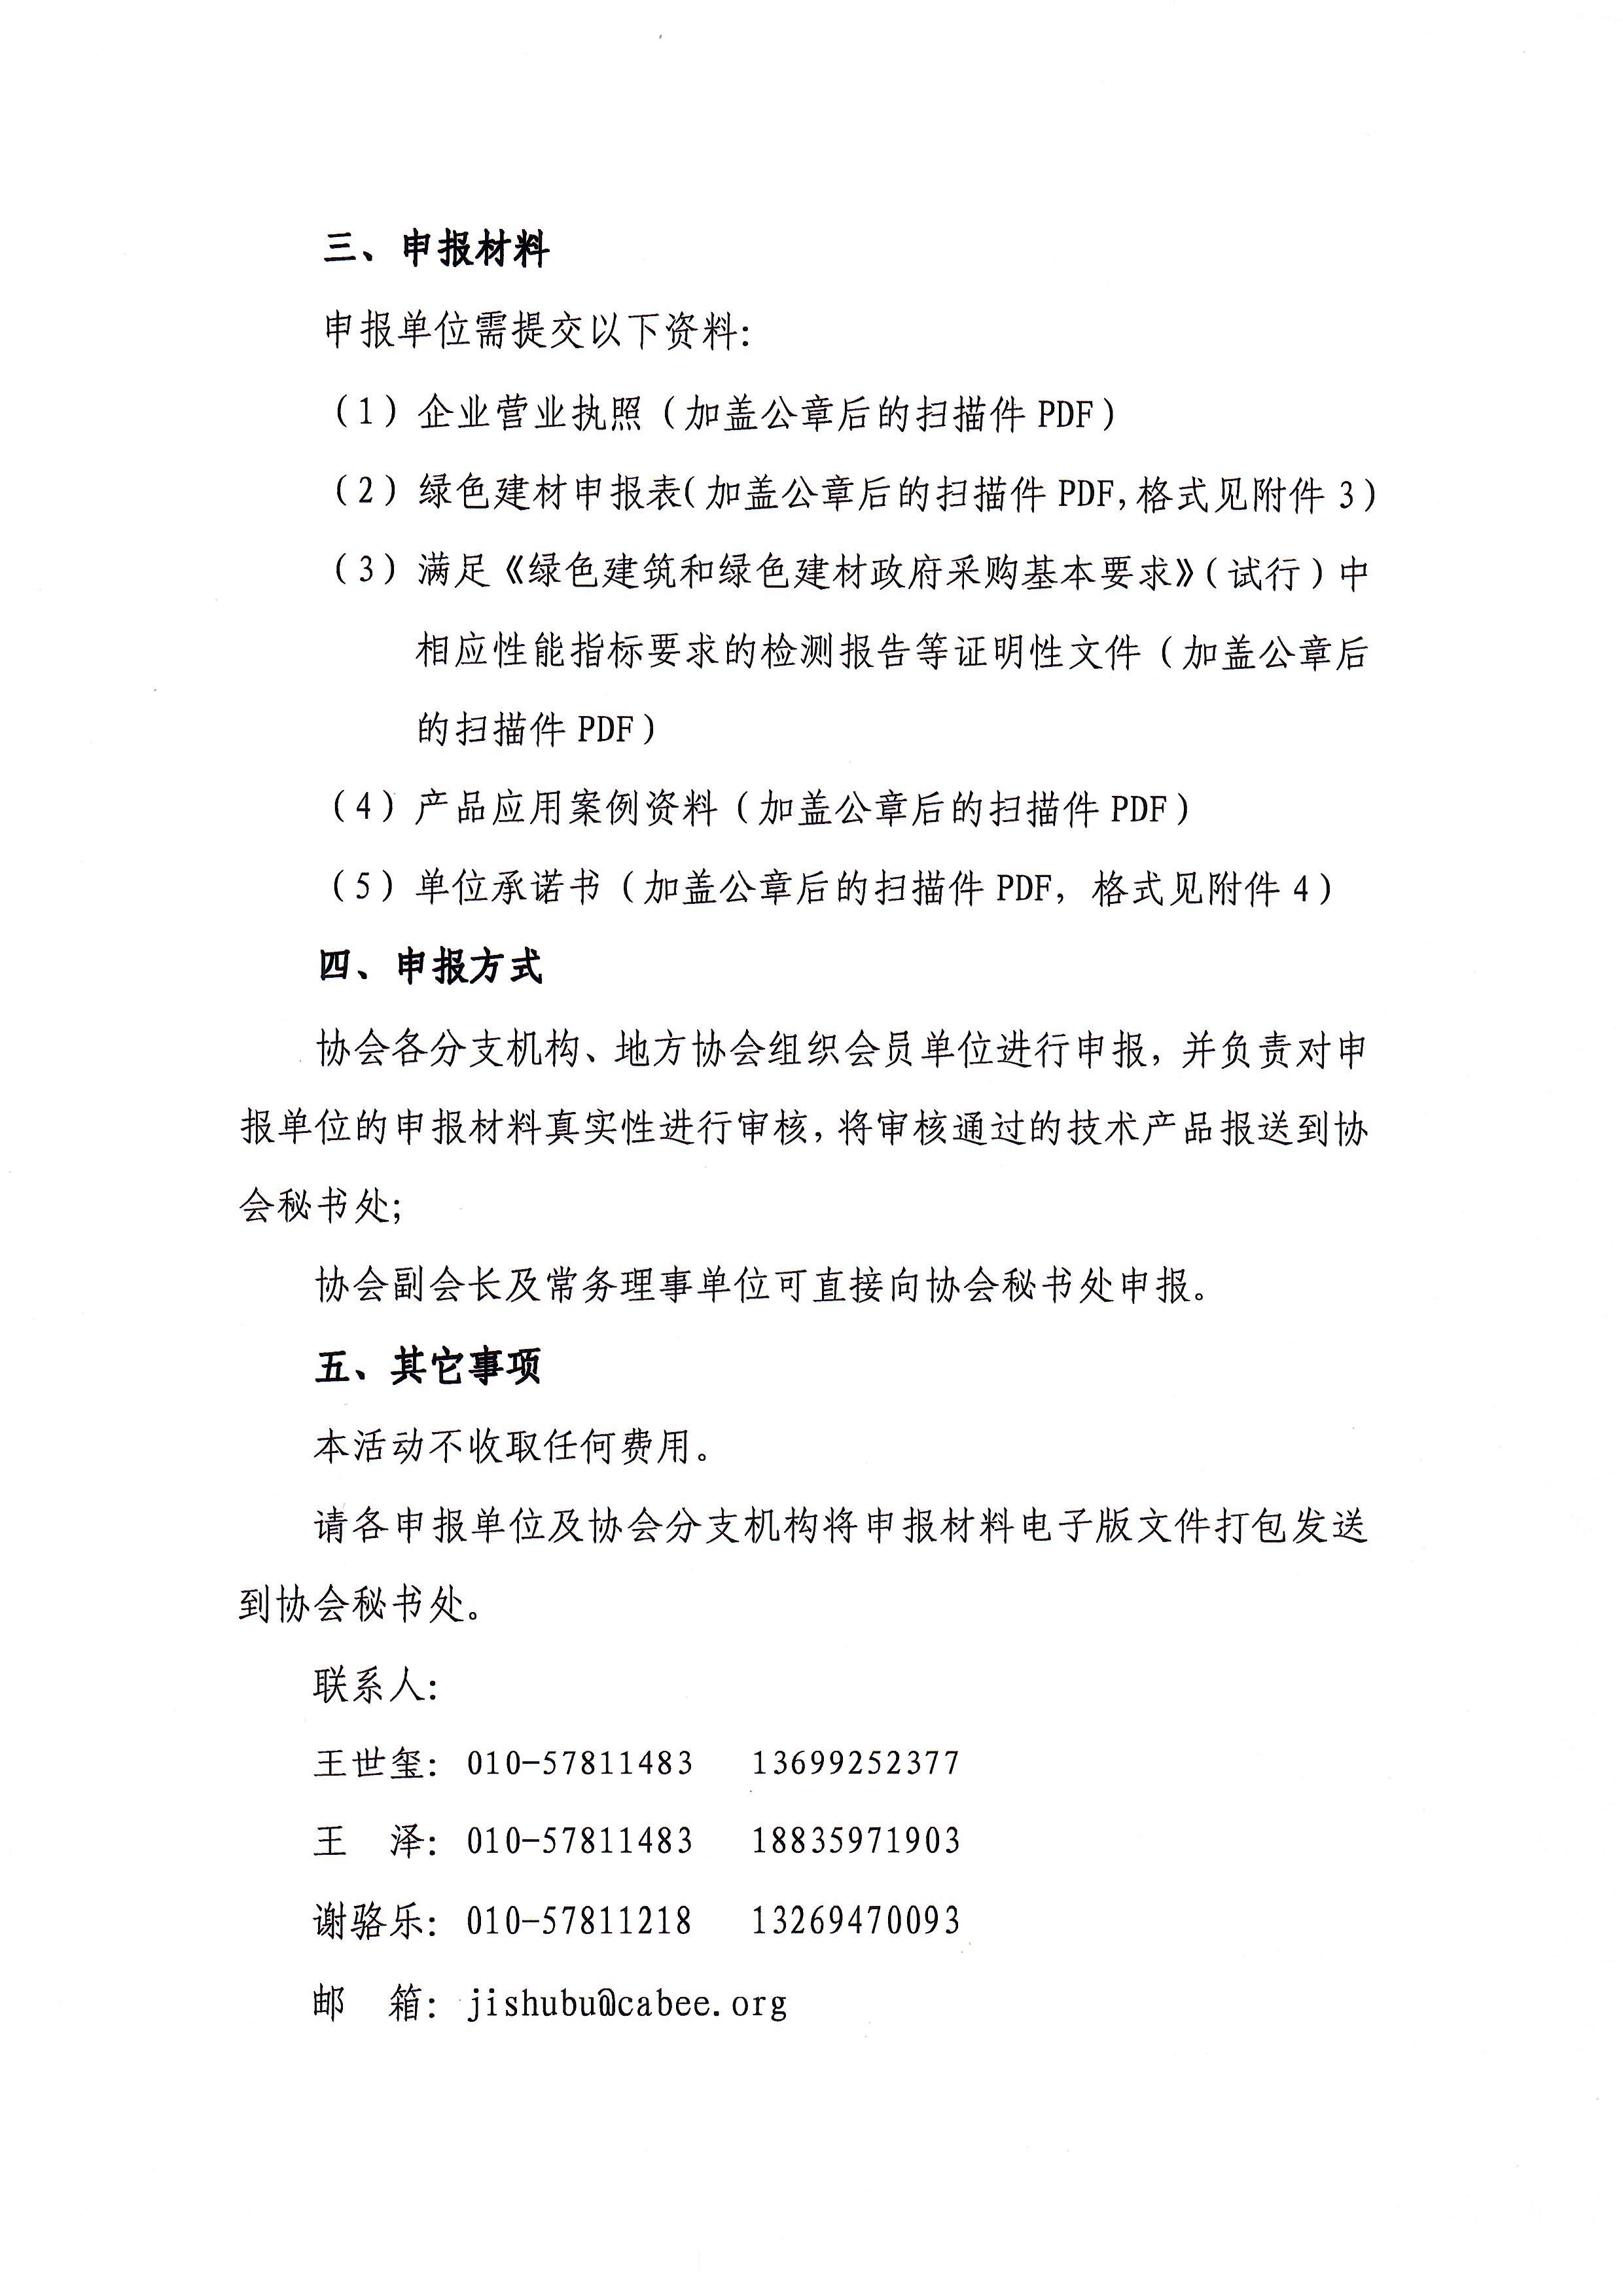 关于征集绿色建材的通知_页面_2.jpg